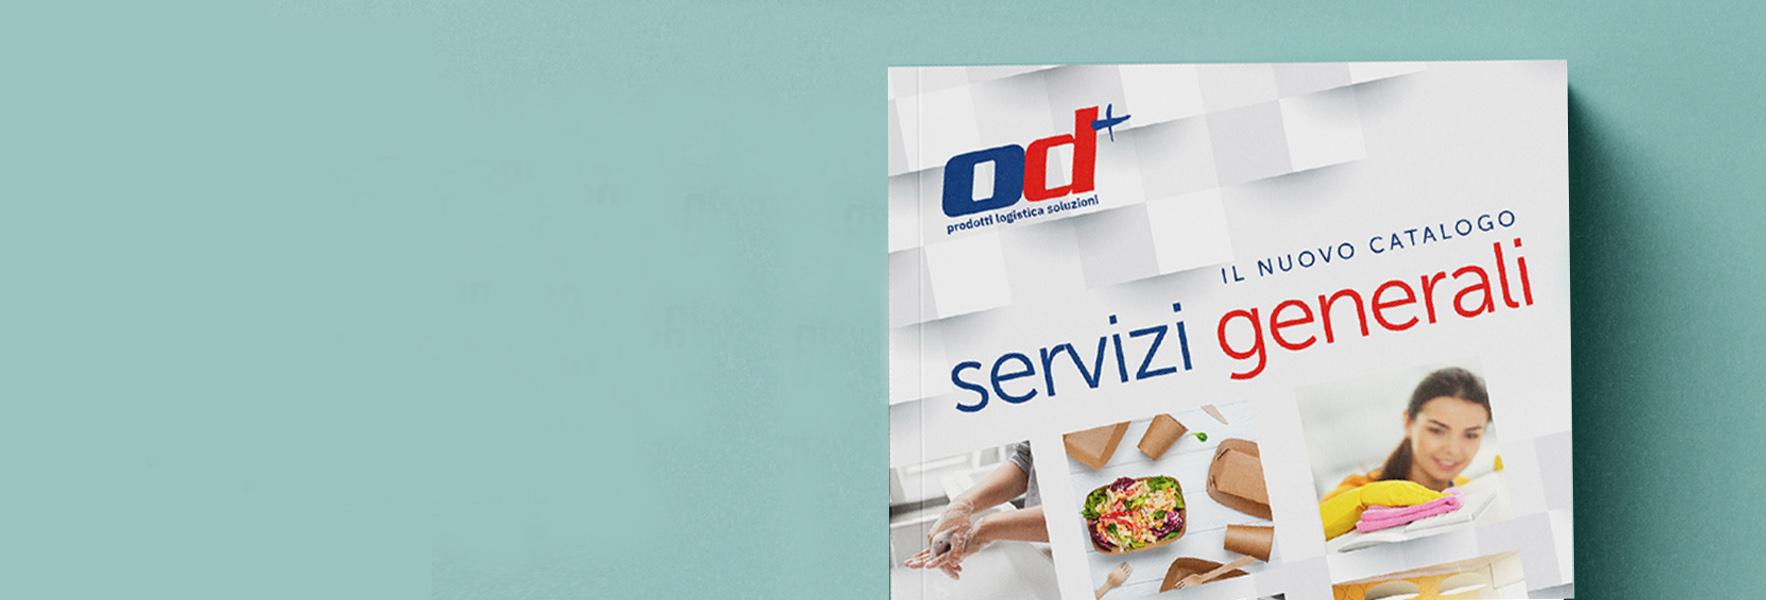 In arrivo il nuovo Catalogo Servizi Generali OD+ : Un mondo di soluzioni per la tua azienda.